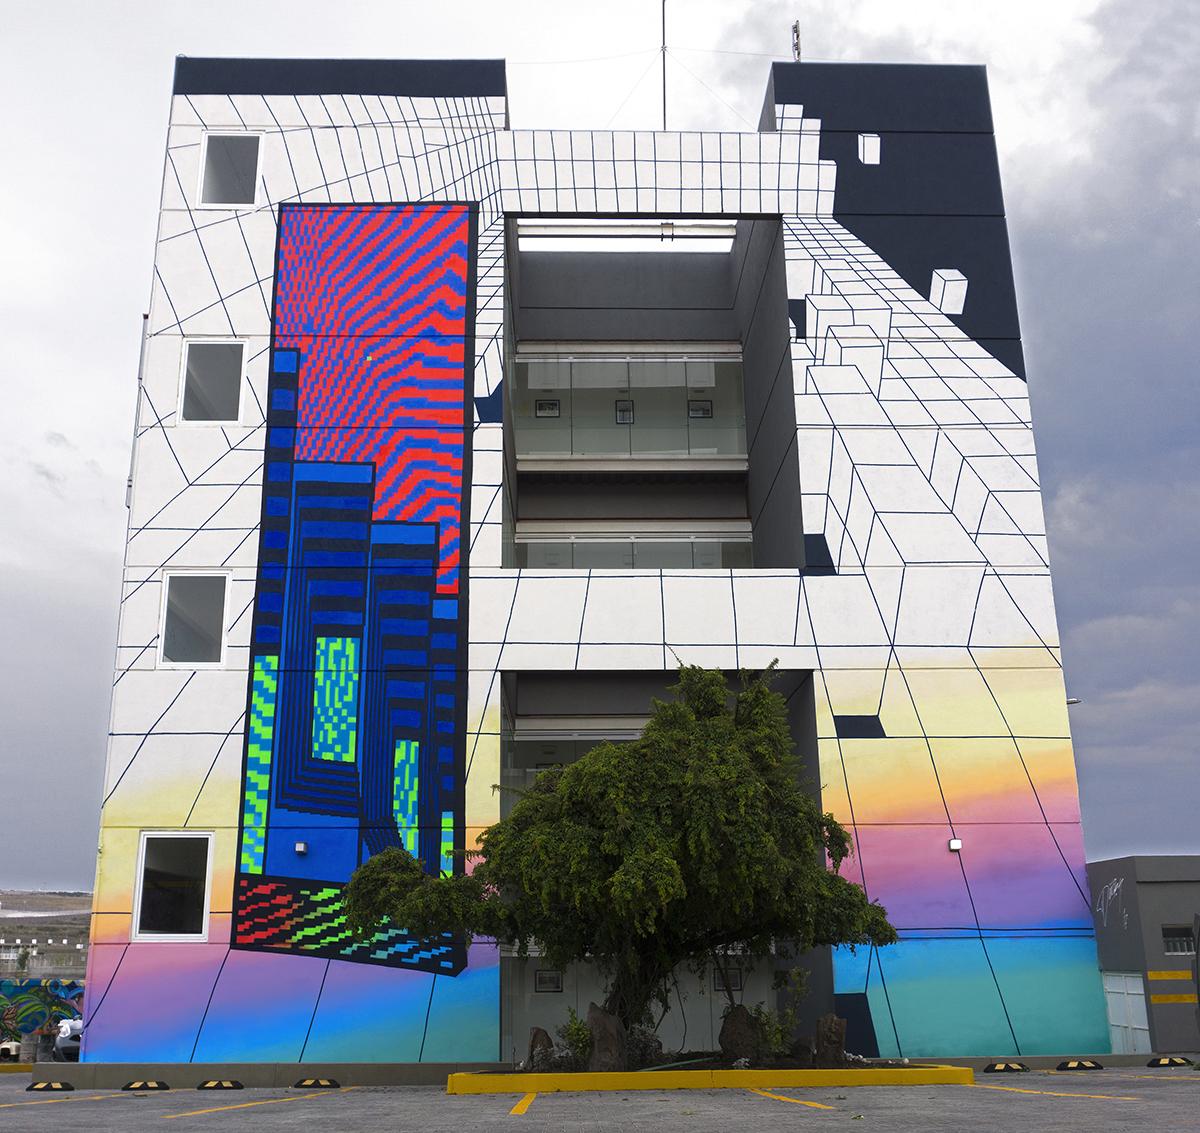 Desmky Street Art Santiago de Querétaro